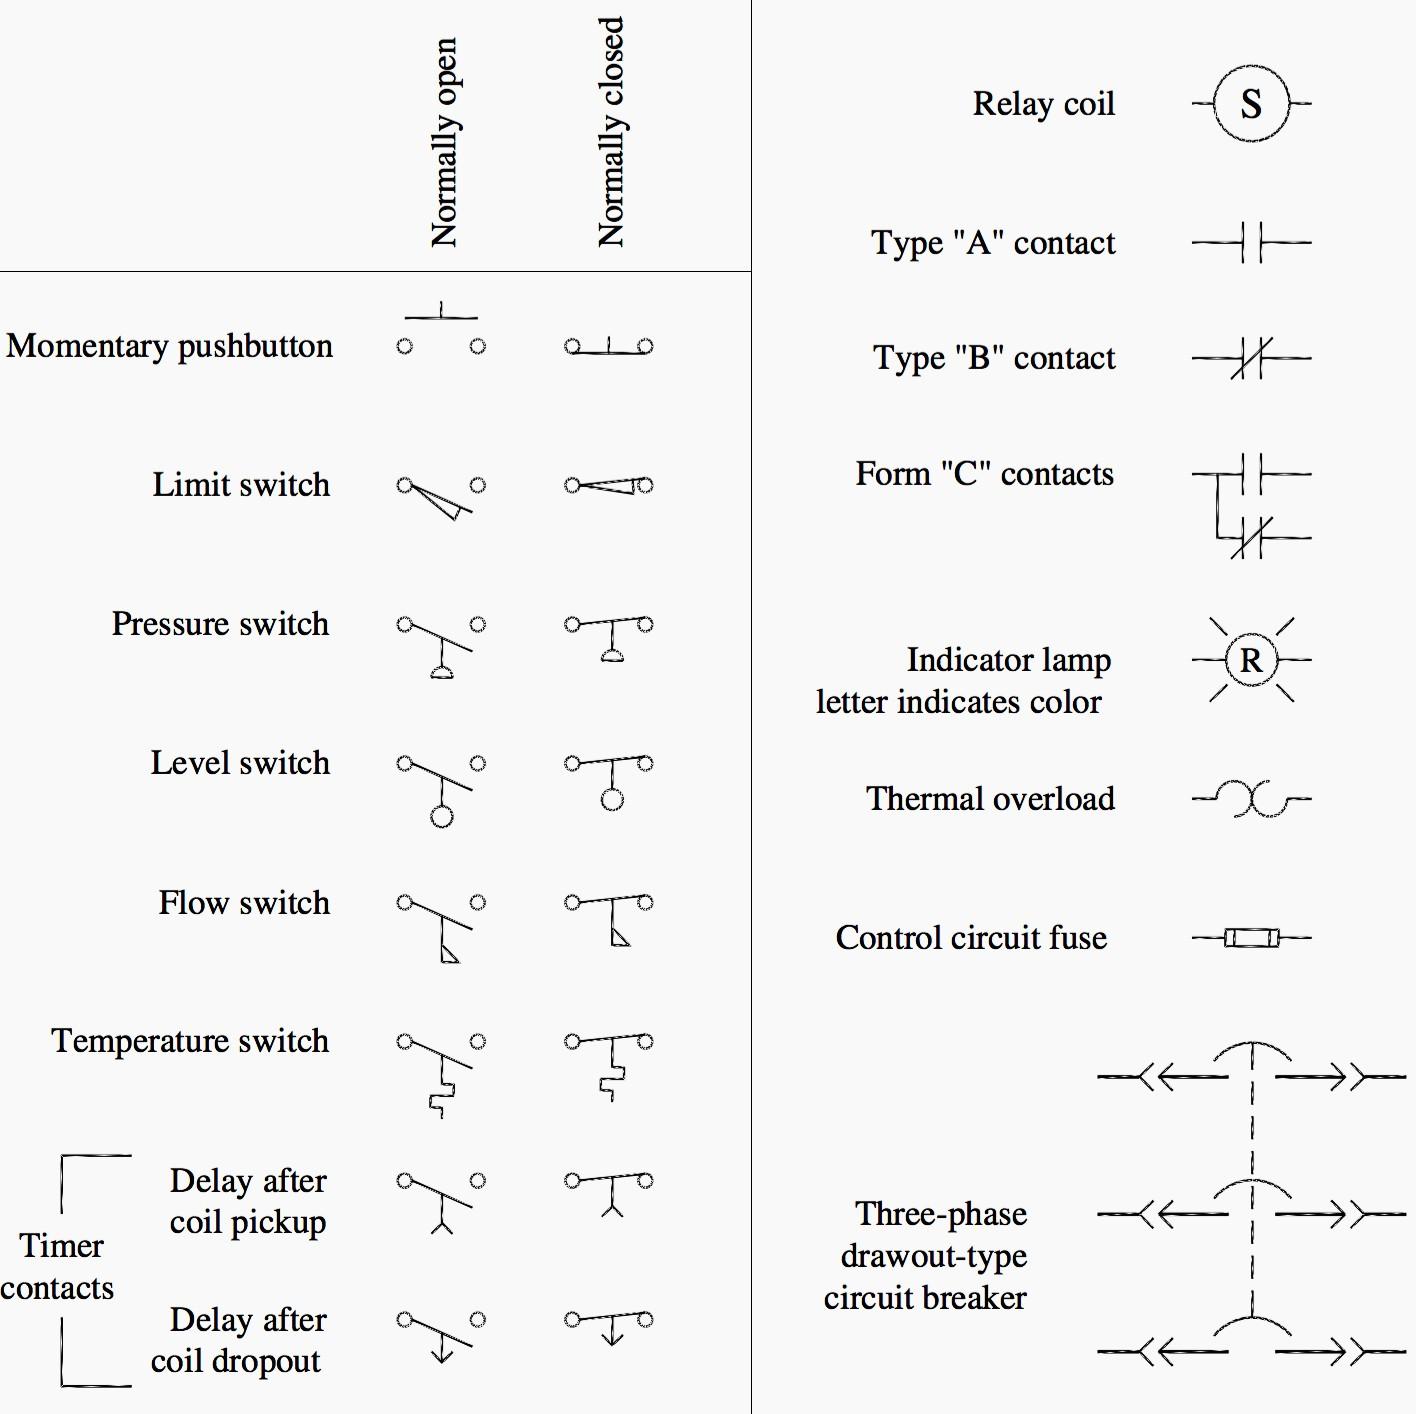 Plc Ladder Logic Symbols Wiring Diagram Image